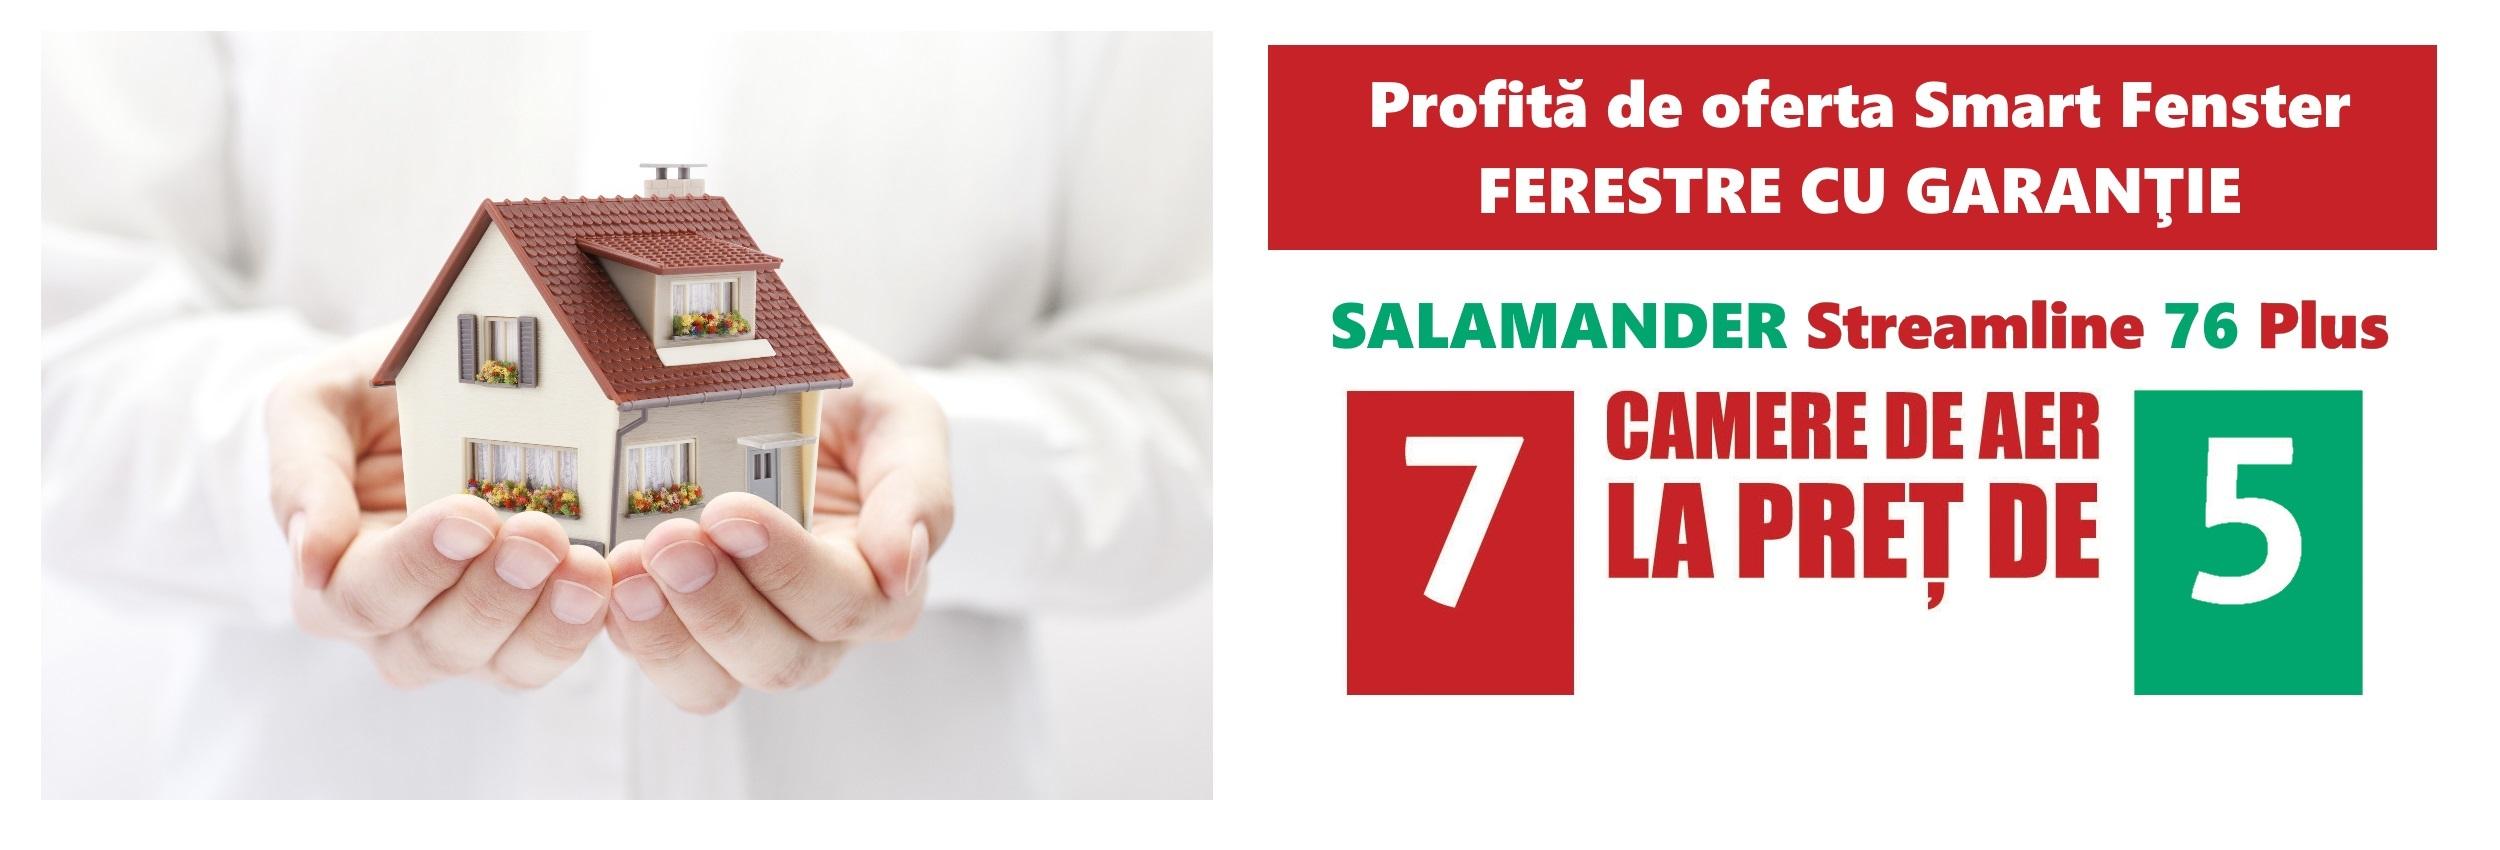 Promotie Salamander 7 camere - Smartfenster